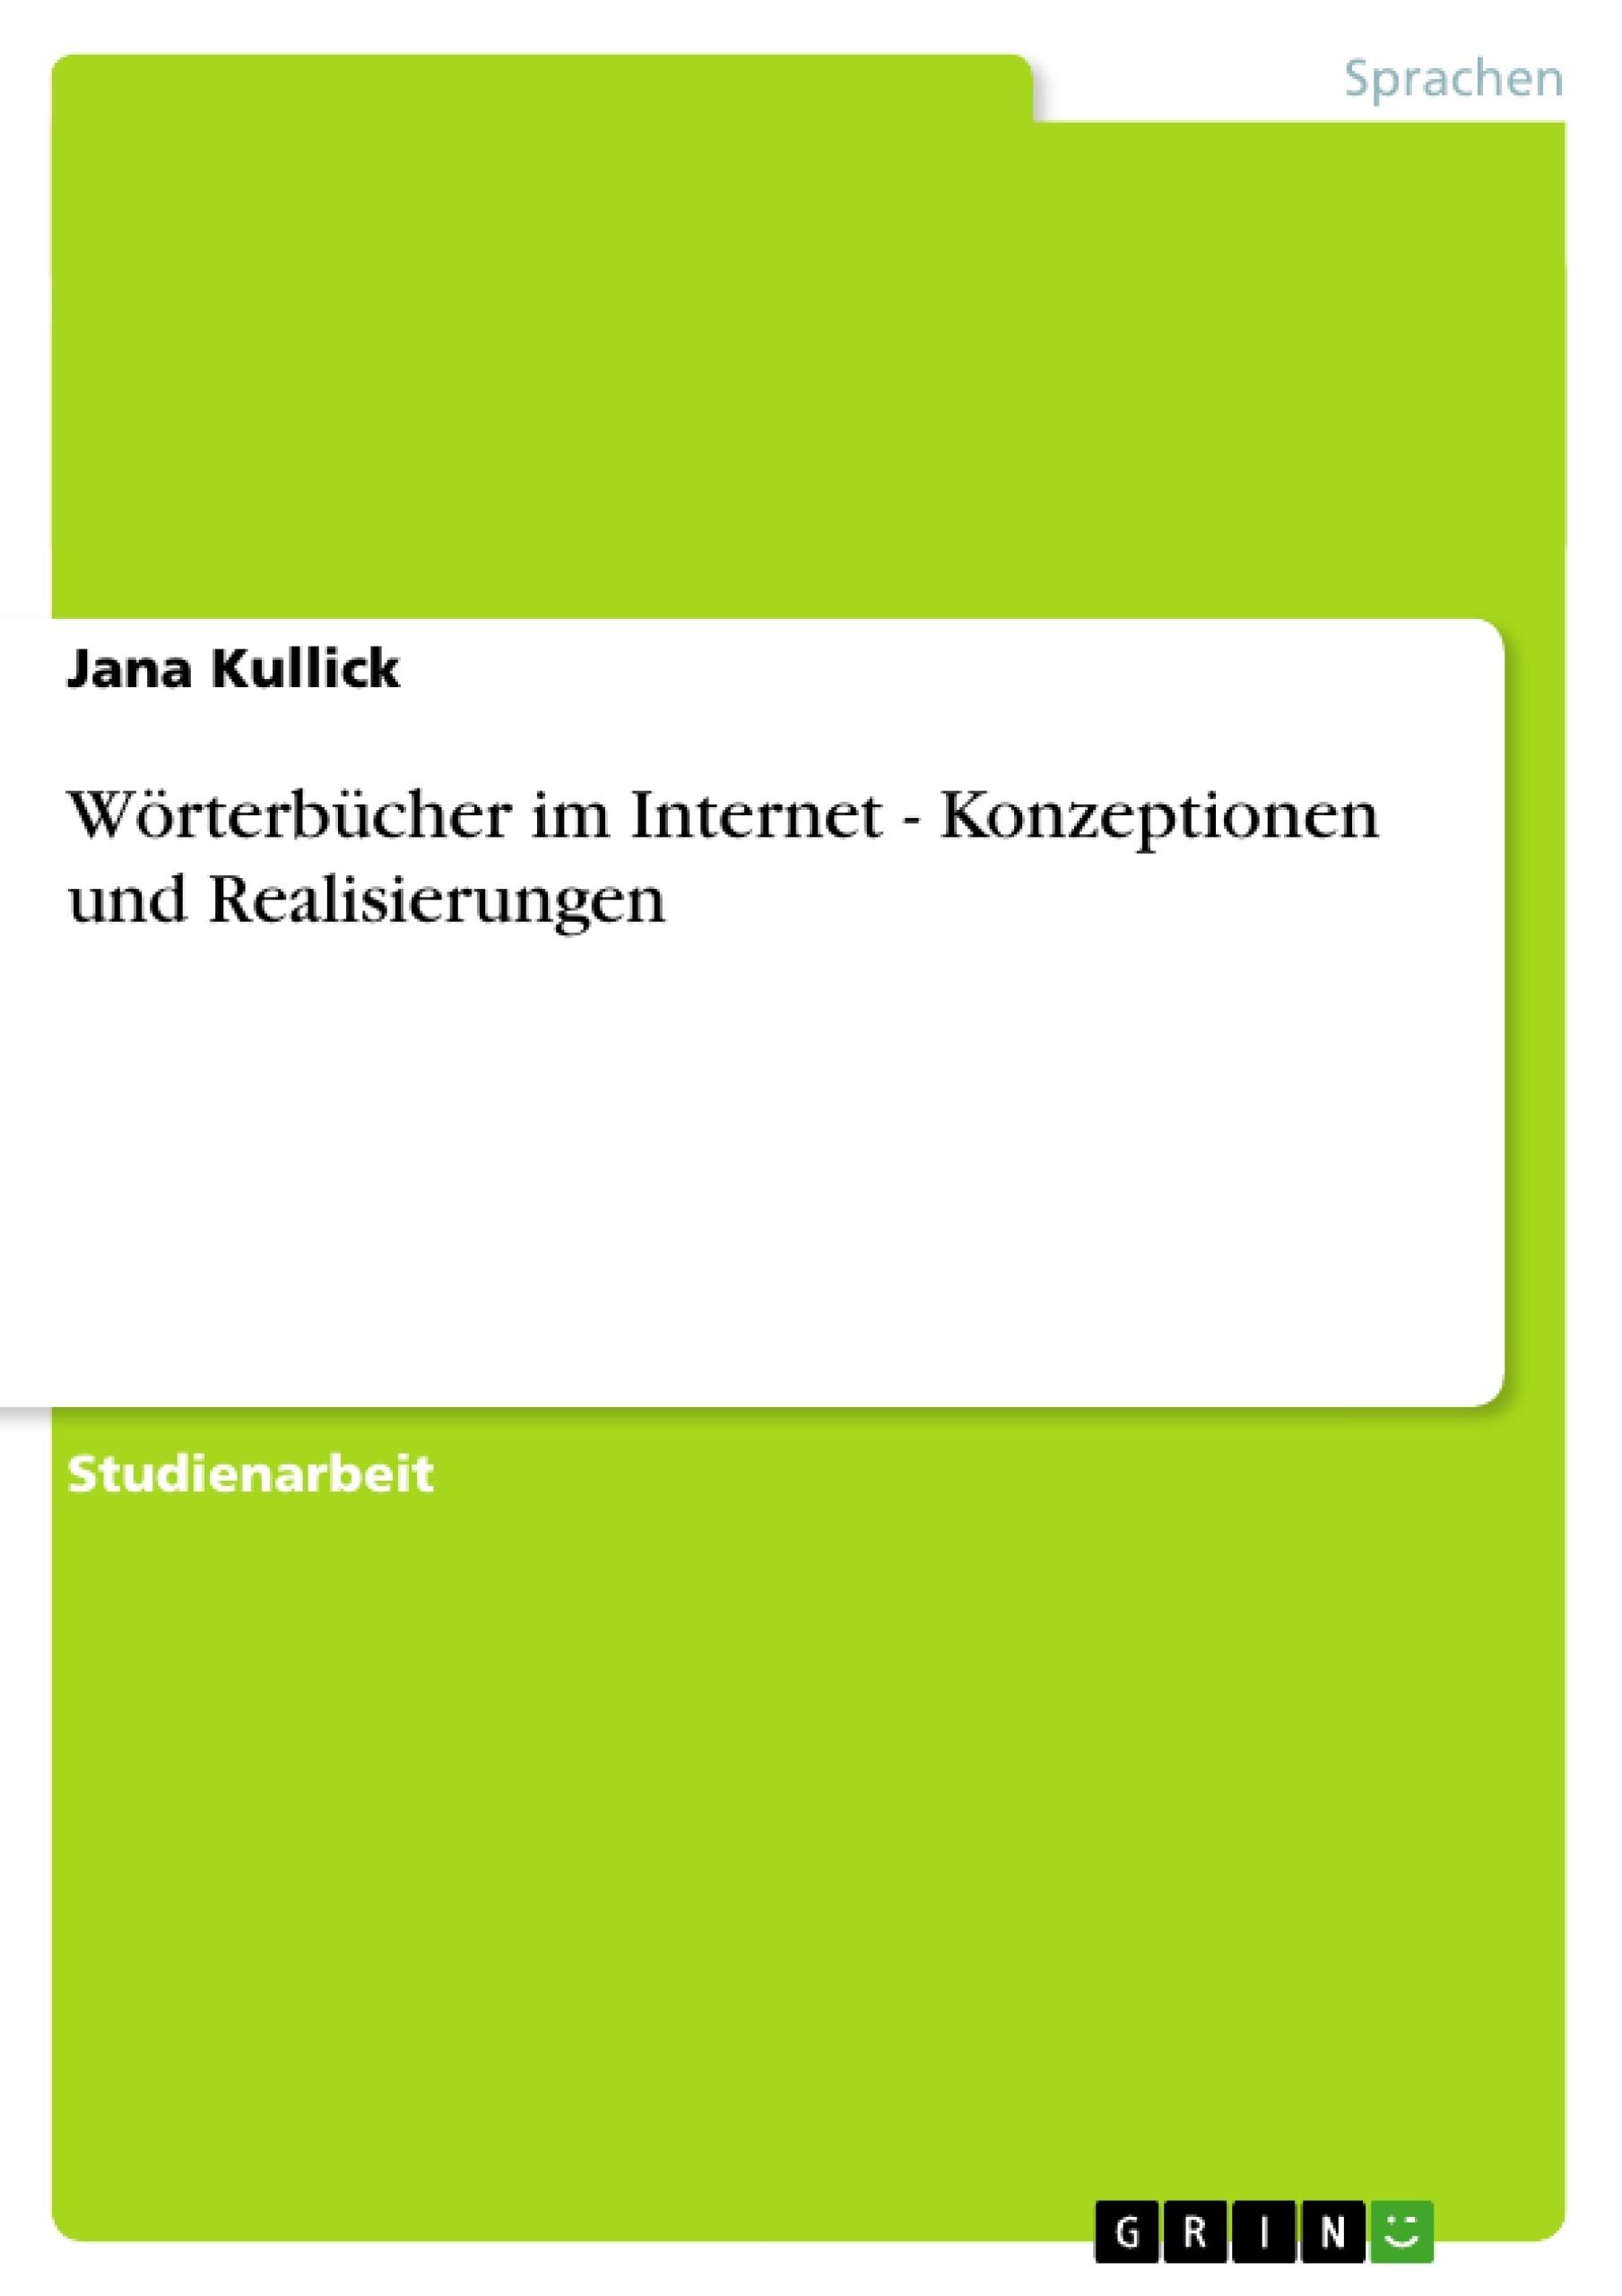 Titel: Wörterbücher im Internet - Konzeptionen und Realisierungen